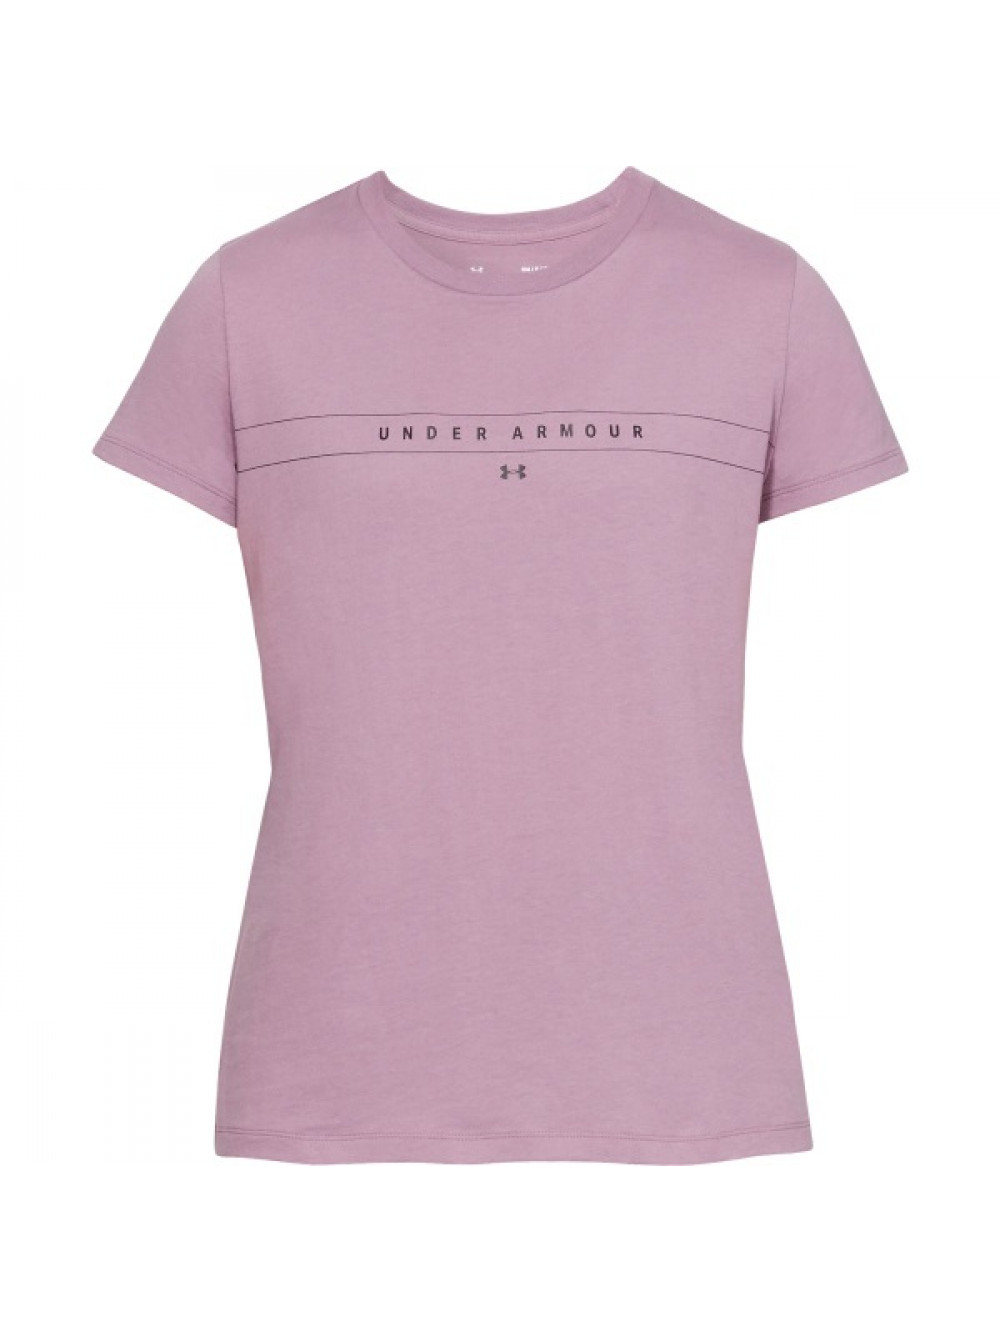 Dámske tričko Under Armour Classic Crew fialové